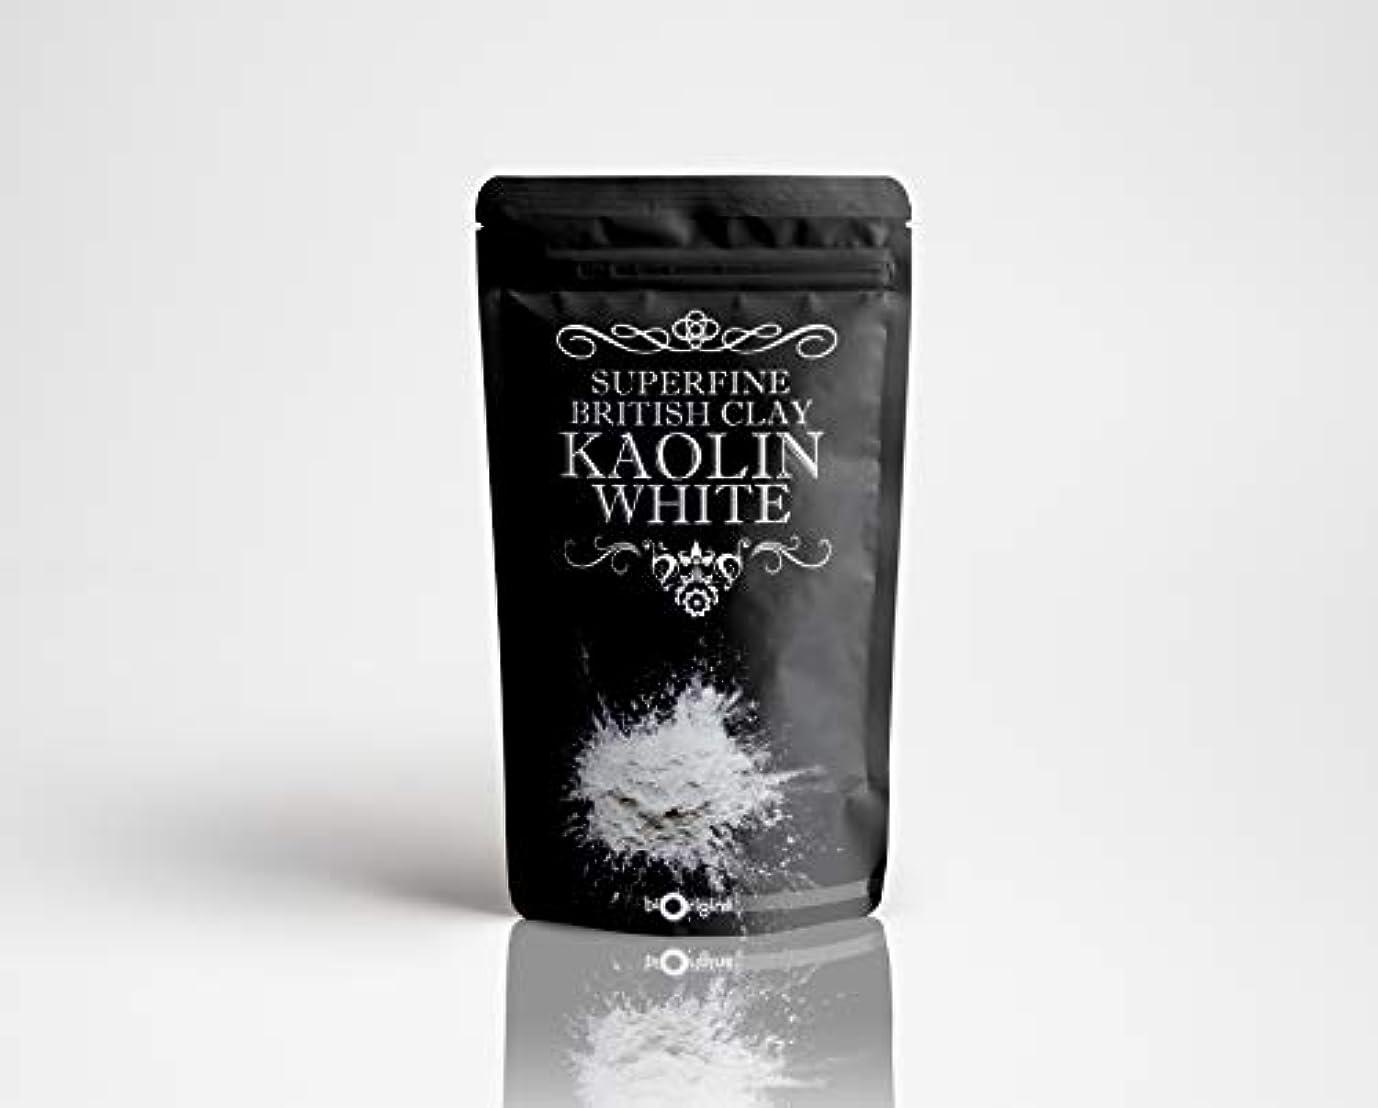 クスコ眠っている高くKaolin White Superfine British Clay - 100g